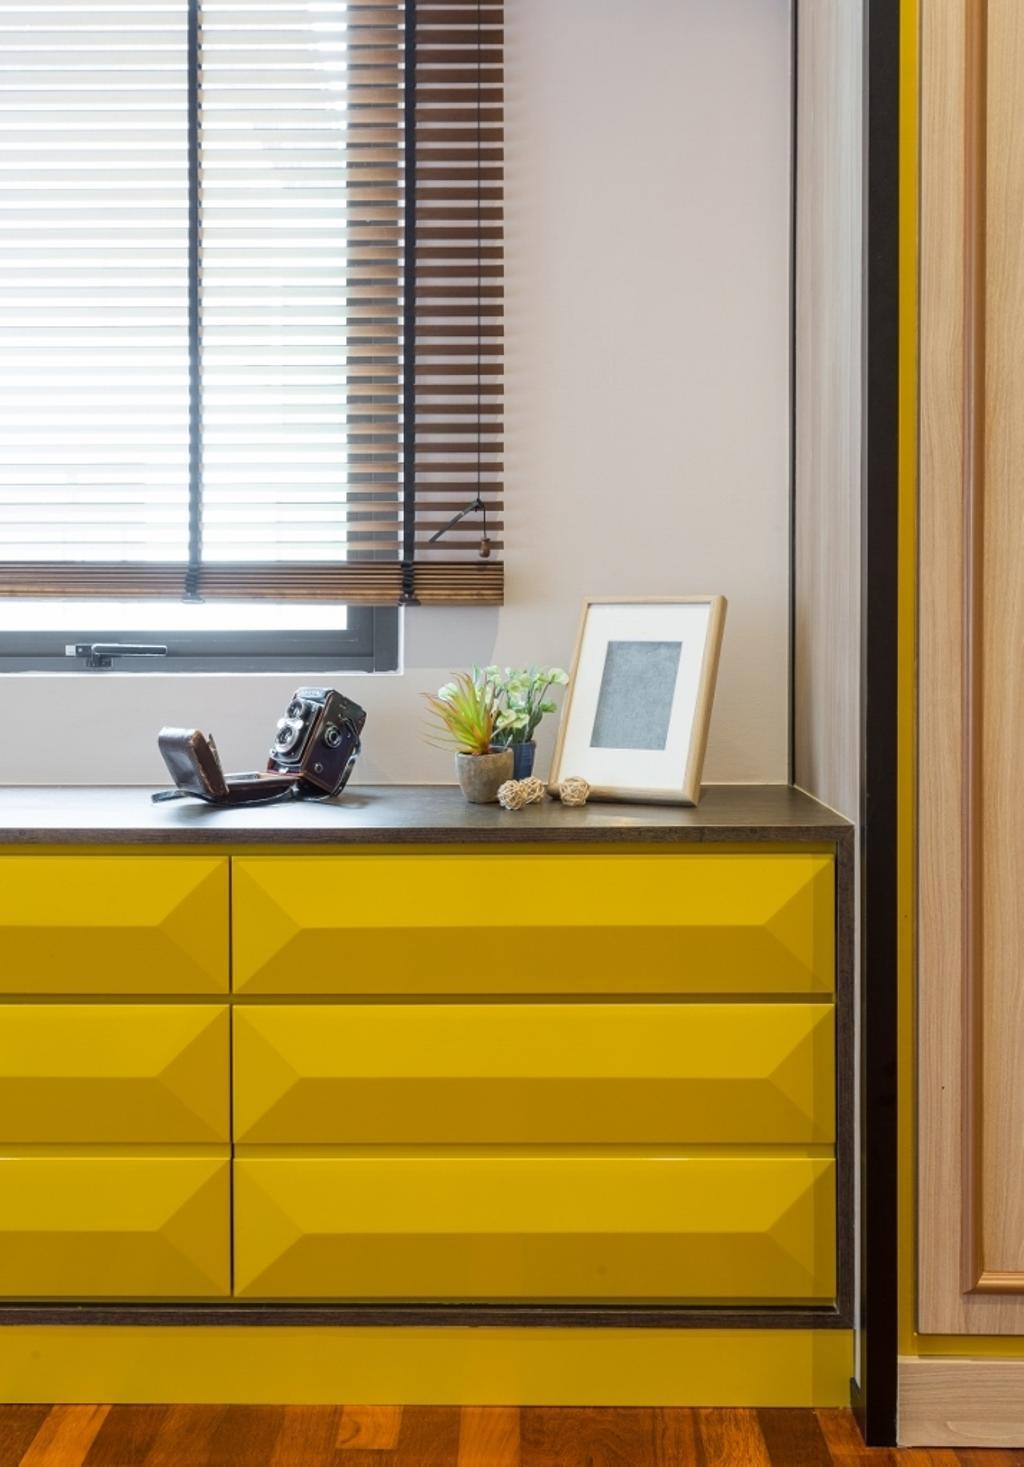 Transitional, Landed, Kota Kemuning, Interior Designer, A Moxie Associates Sdn Bhd, Eclectic